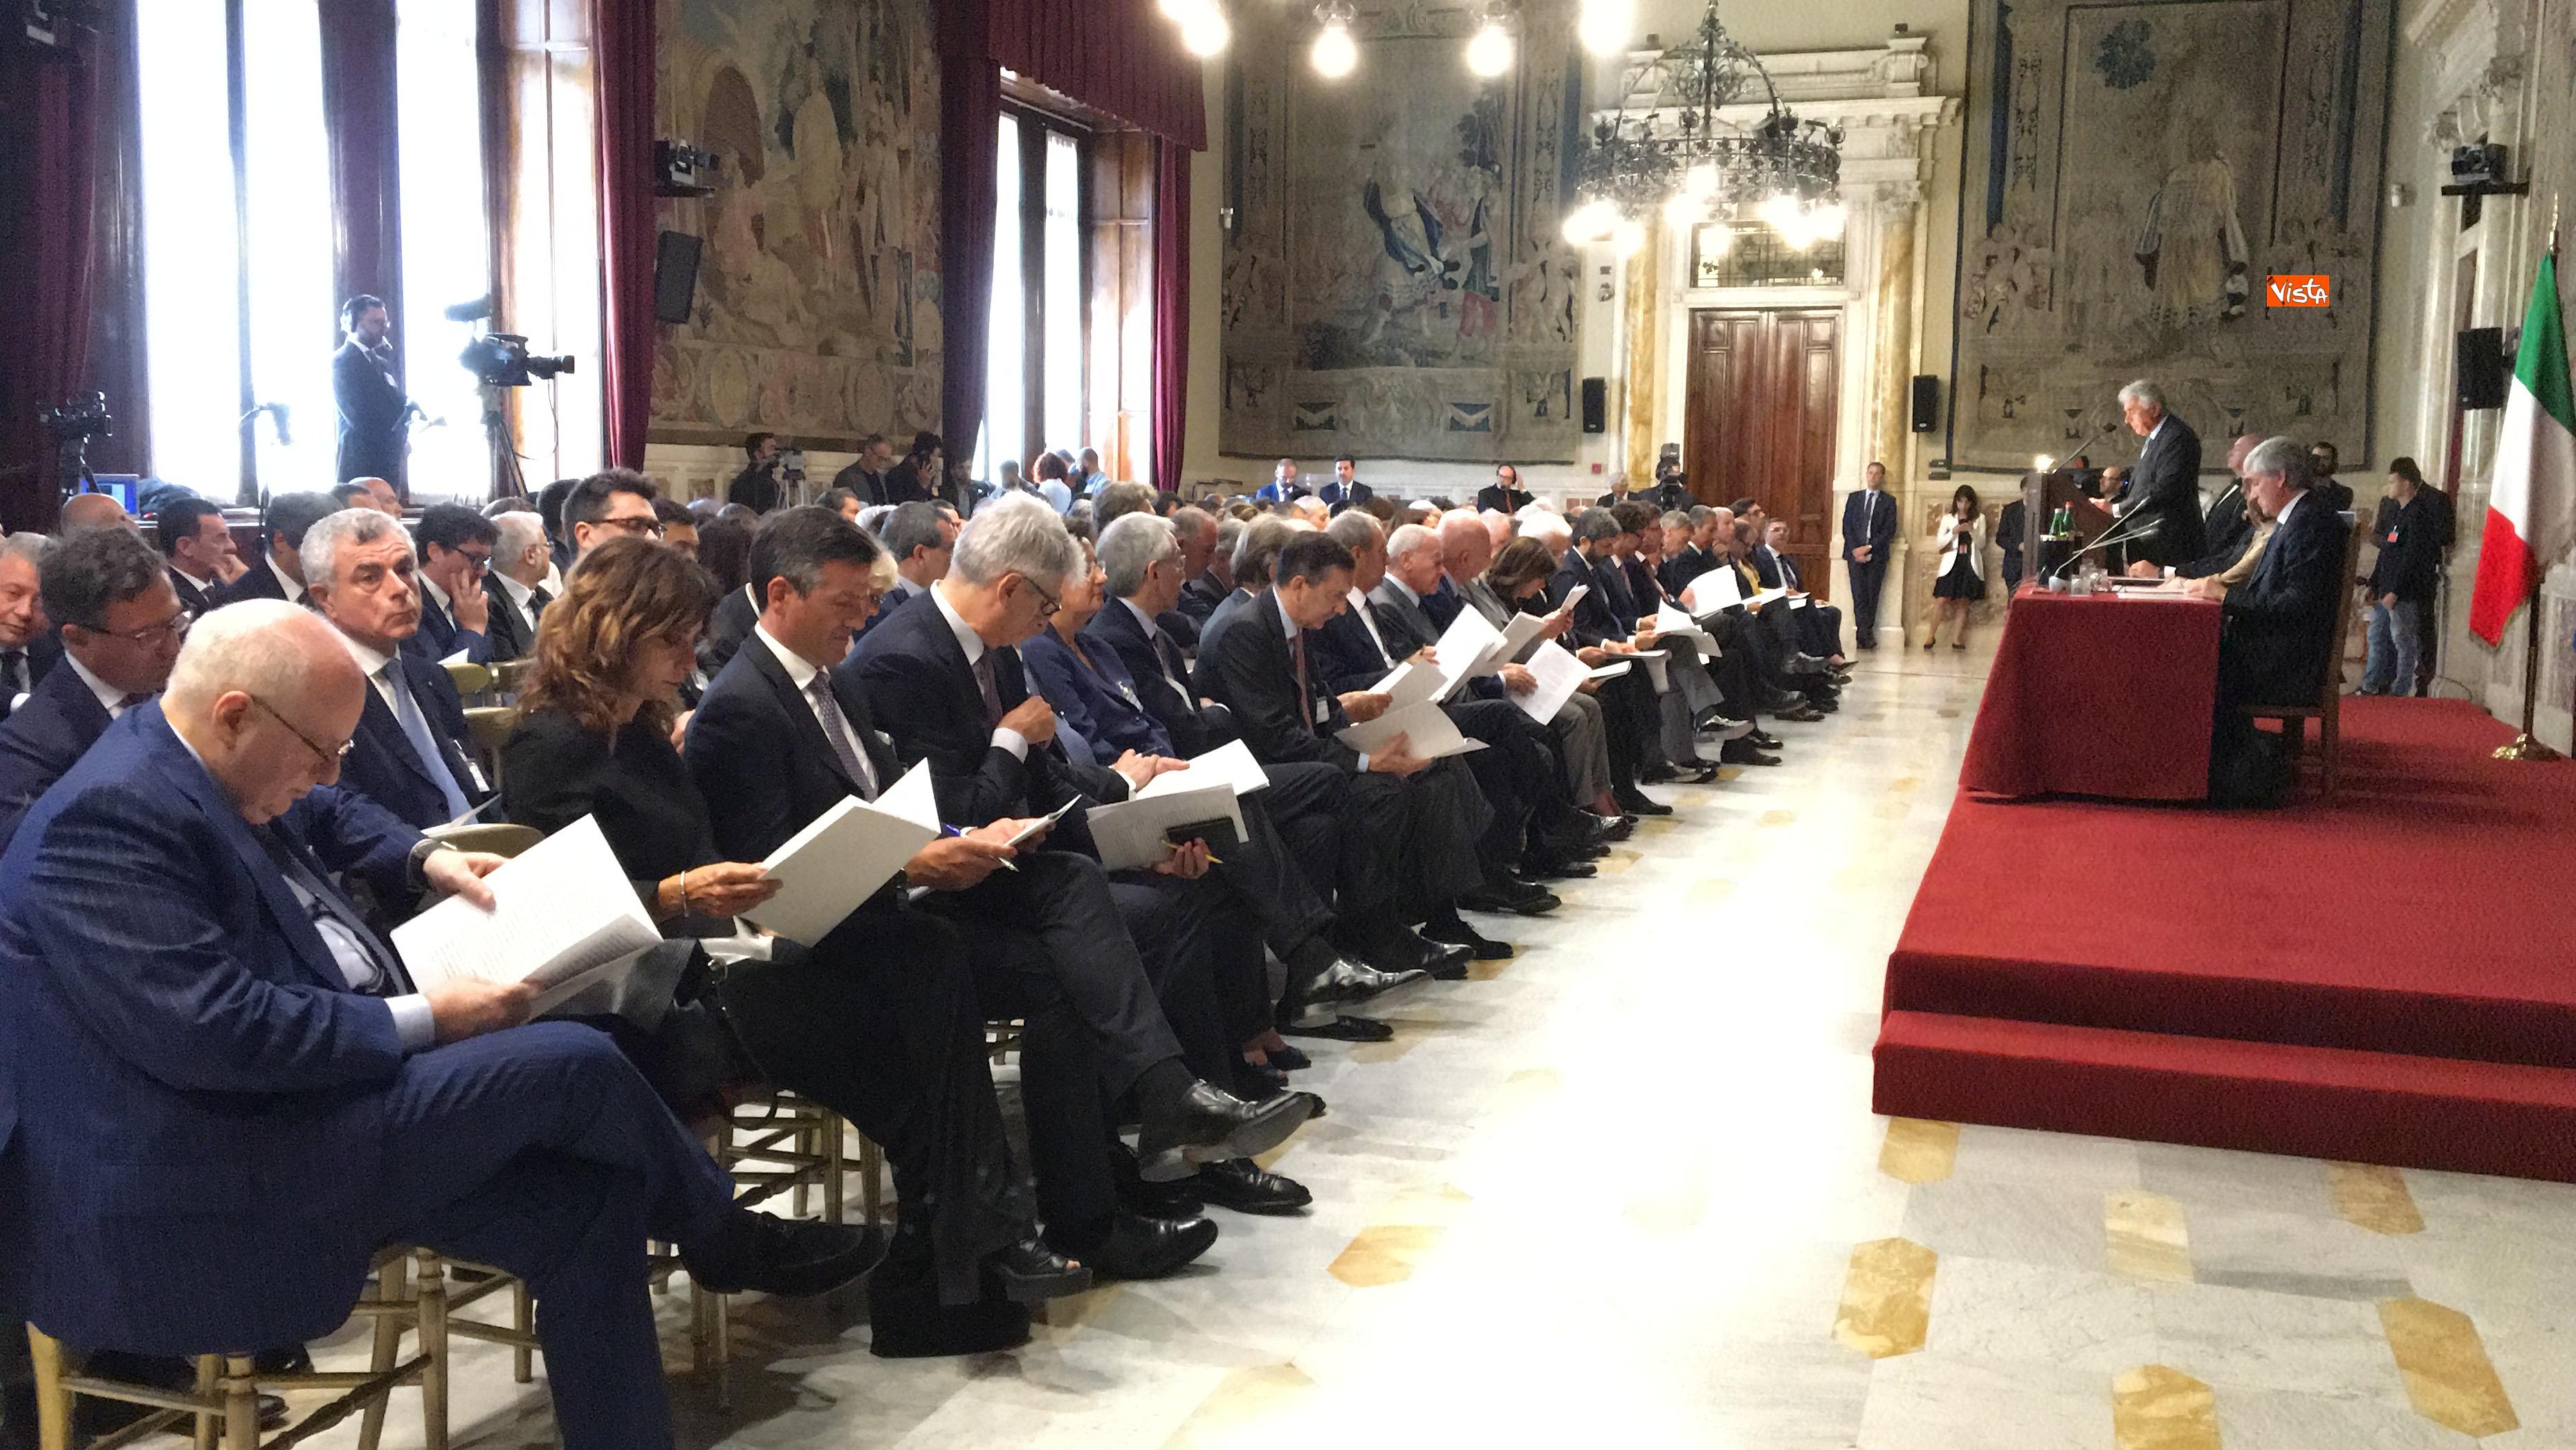 20-06-18 Autorita Trasporti la relazione annuale con Mattarella Toninelli Fico Casellati immagini_08